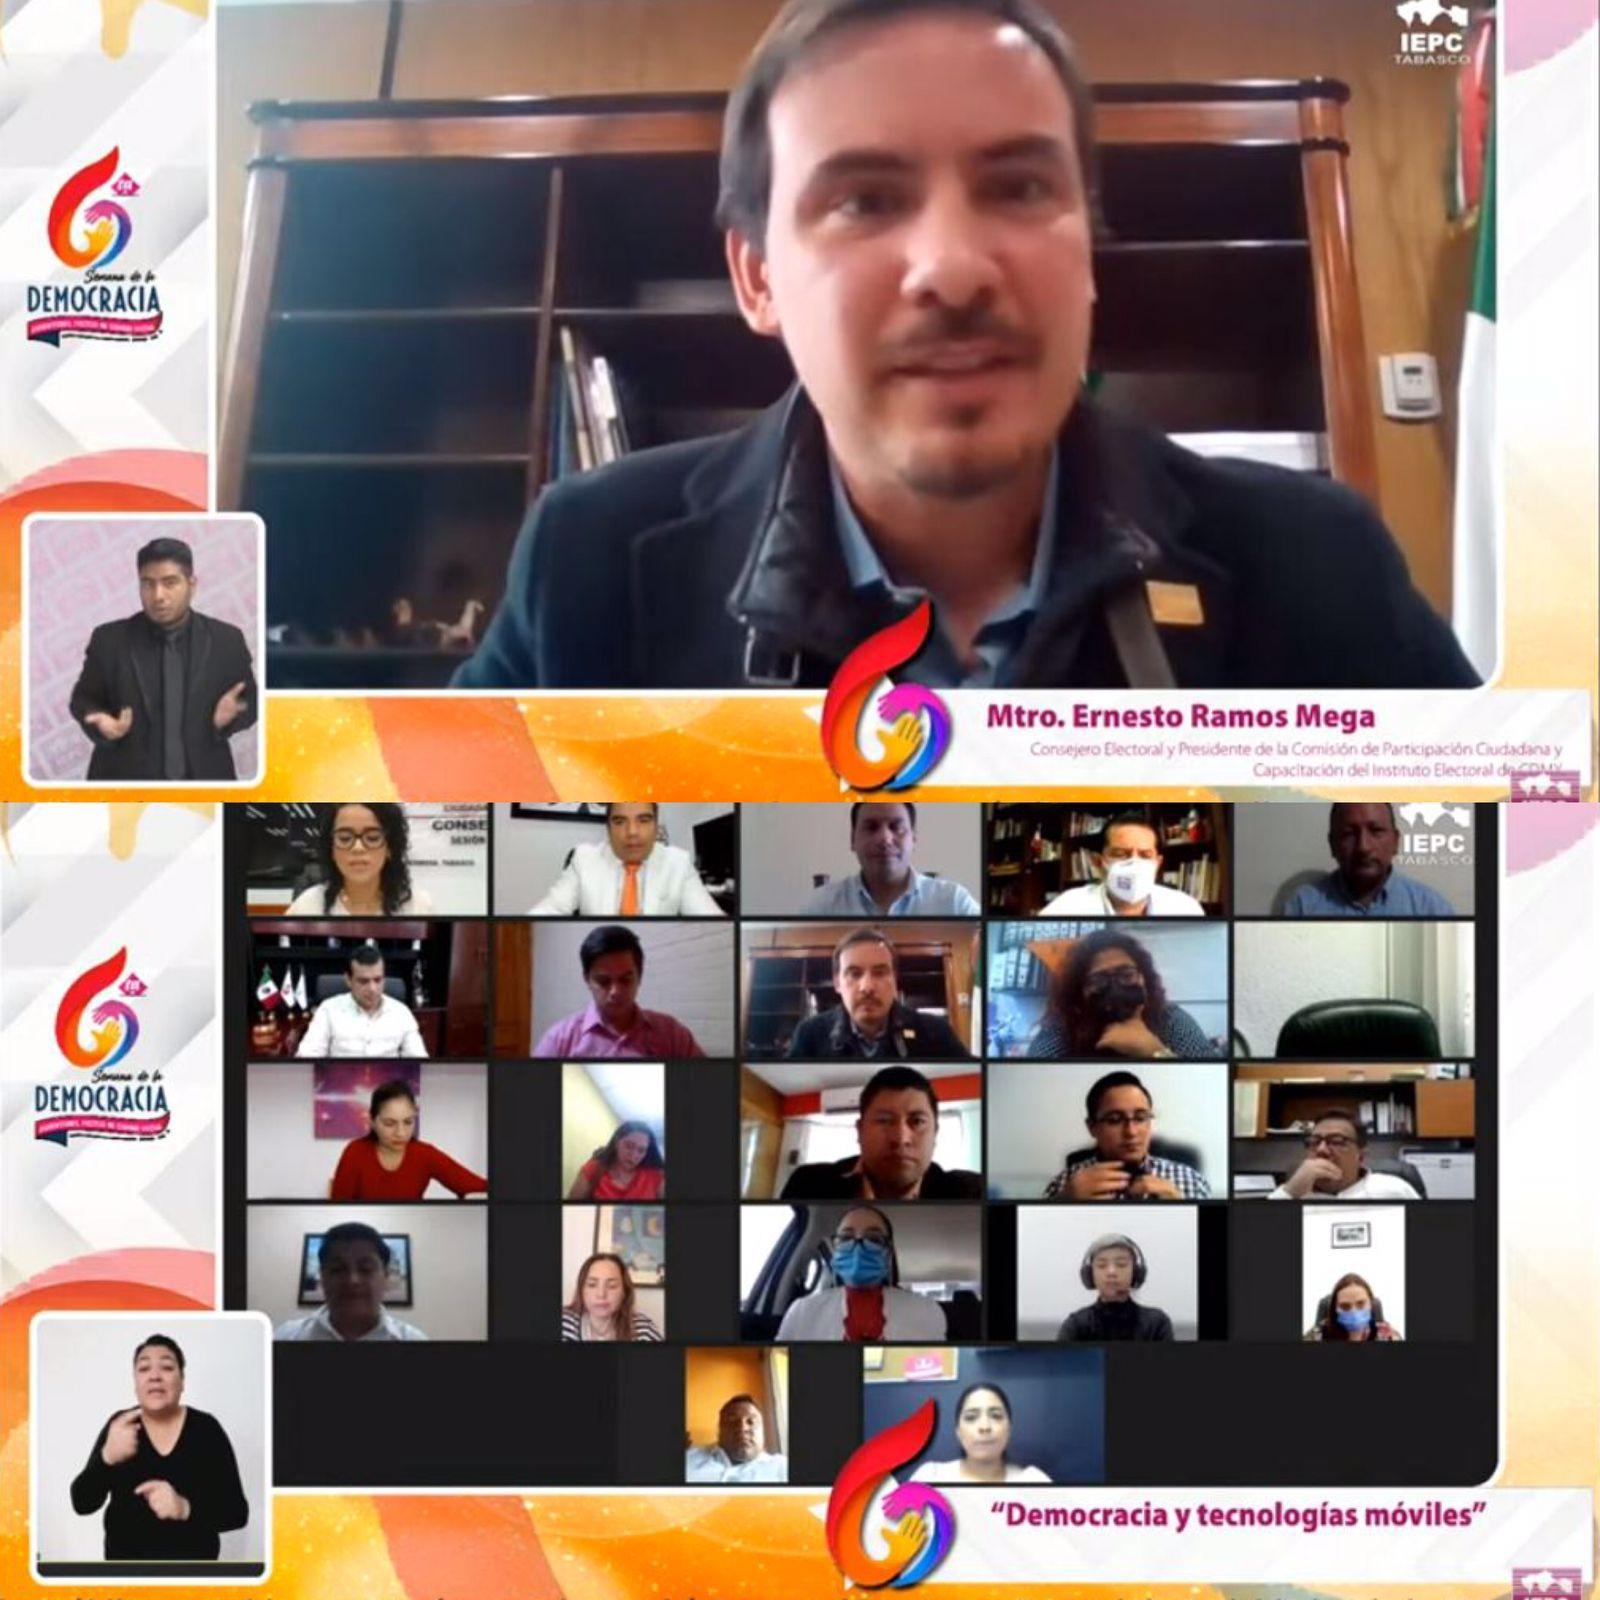 Las tecnologías incentivan participación político-electoral de las personas jóvenes en el régimen democrático: Consejero del IECM, Ernesto Ramos